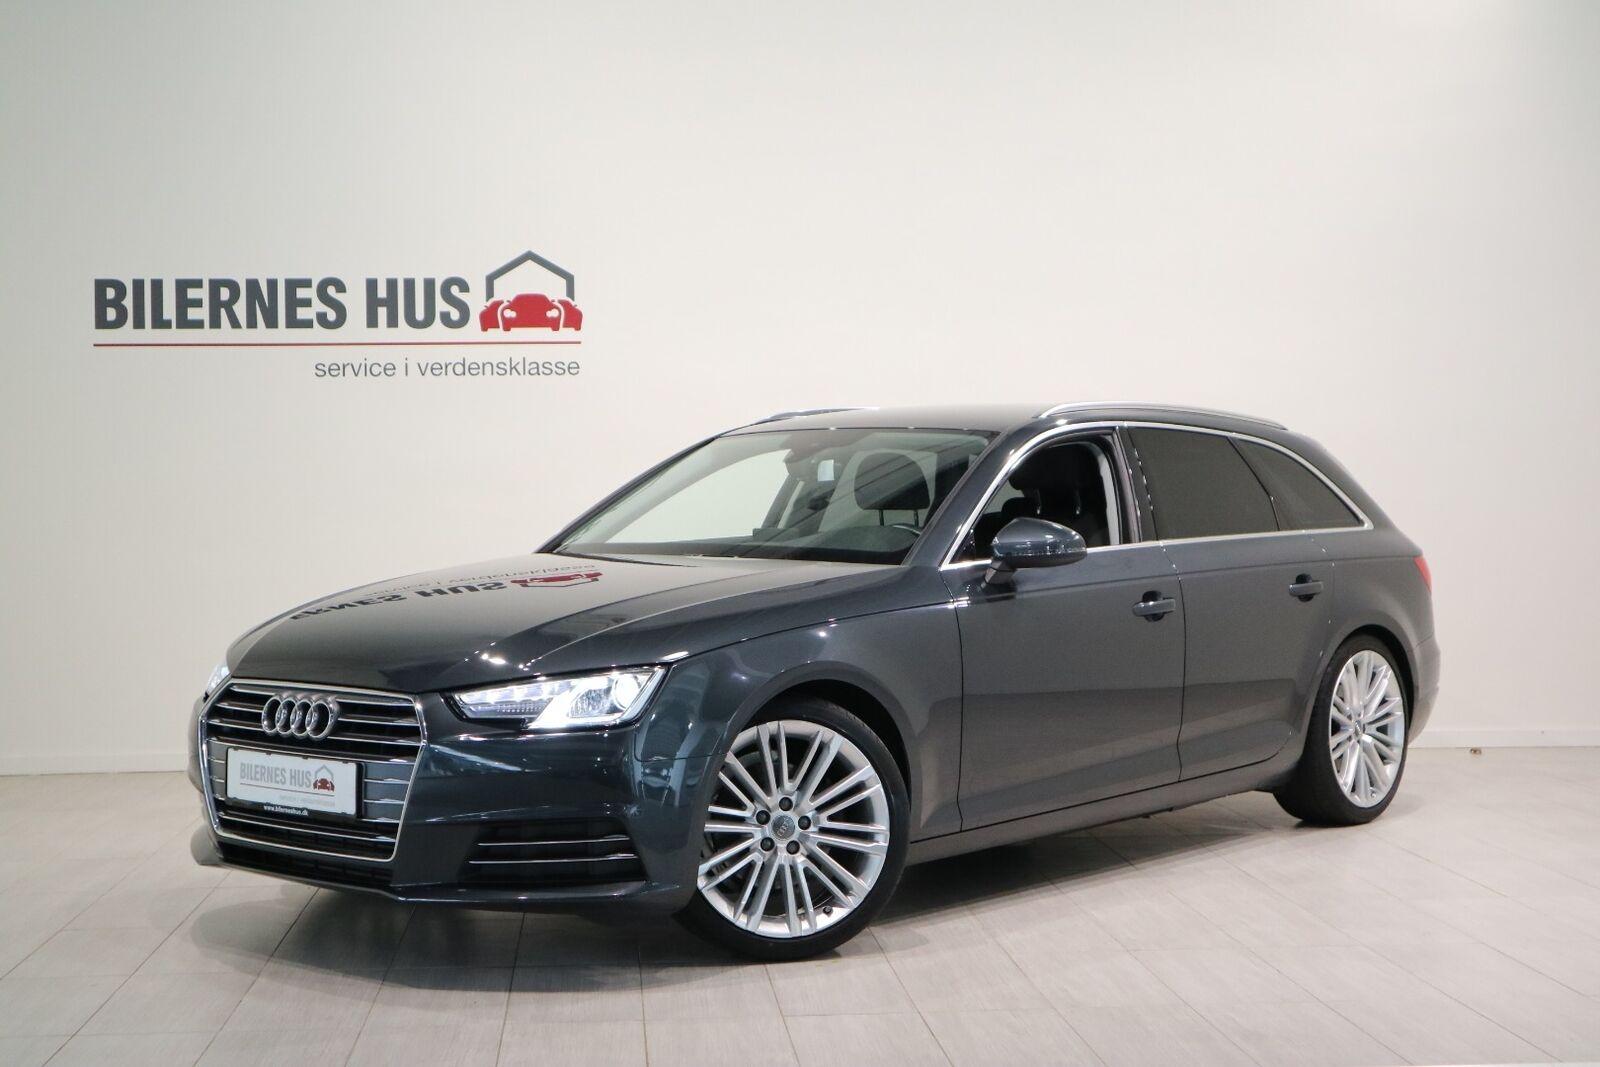 Audi A4 Billede 1